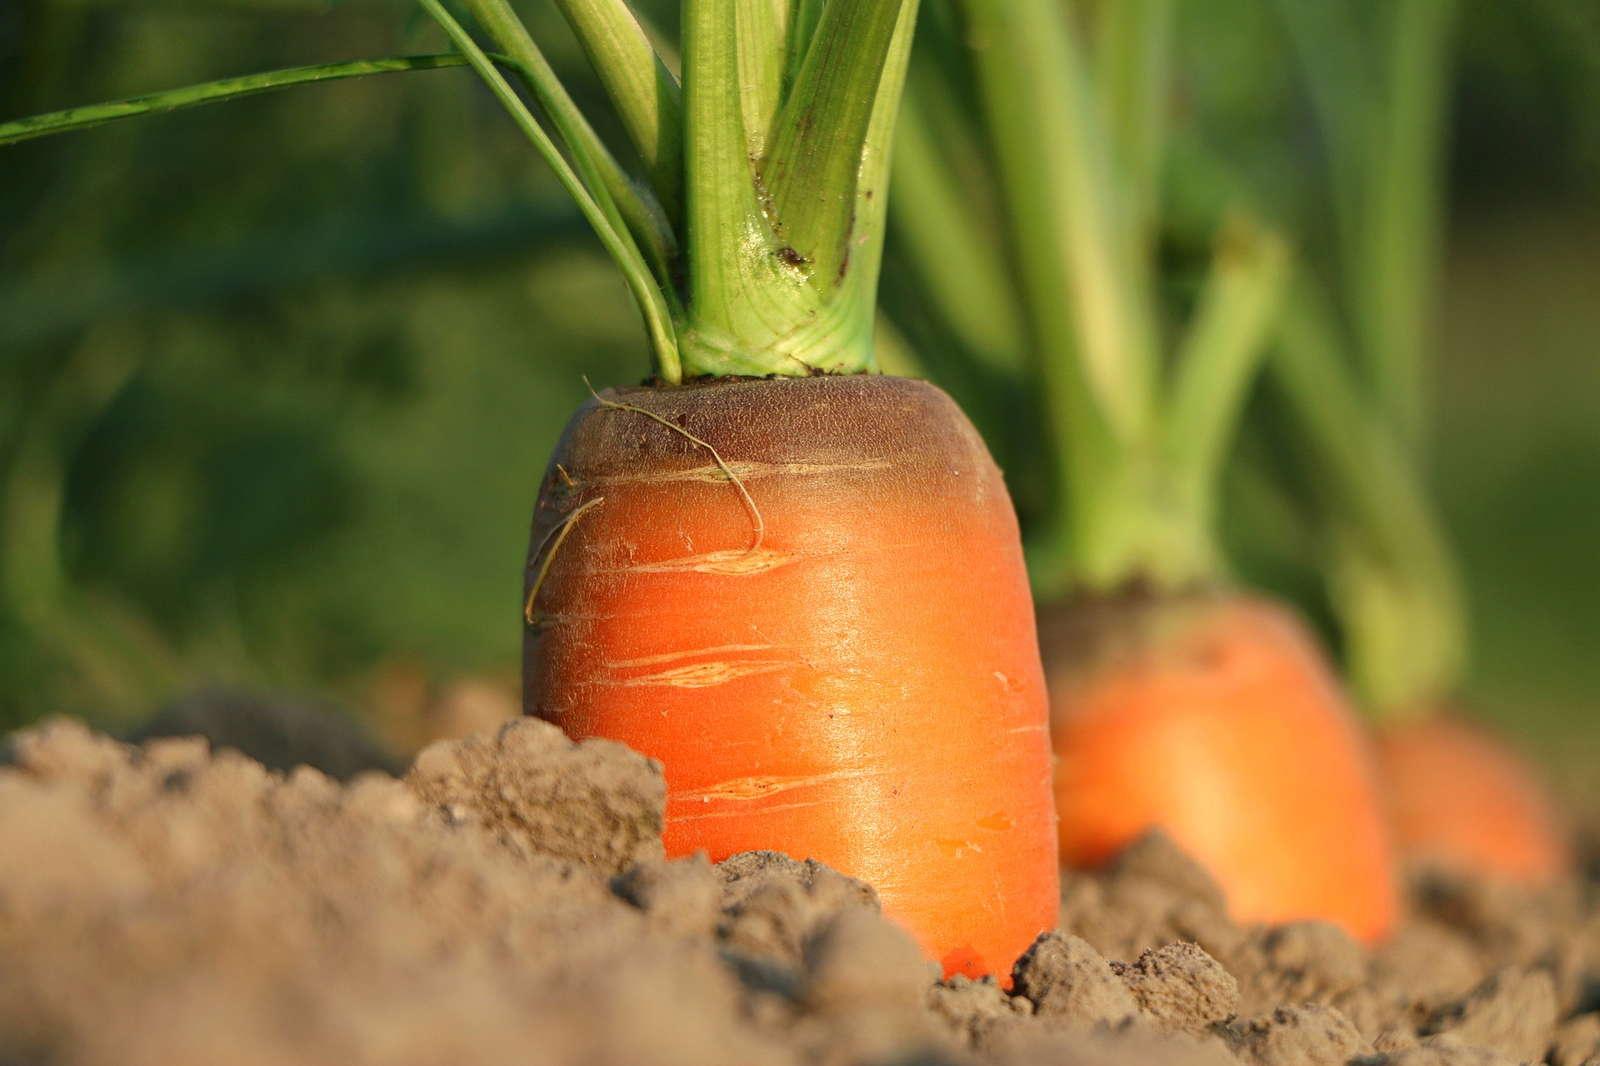 Fabelhaft Karotten pflanzen und anbauen: Experten-Tipps - Plantura @QM_02